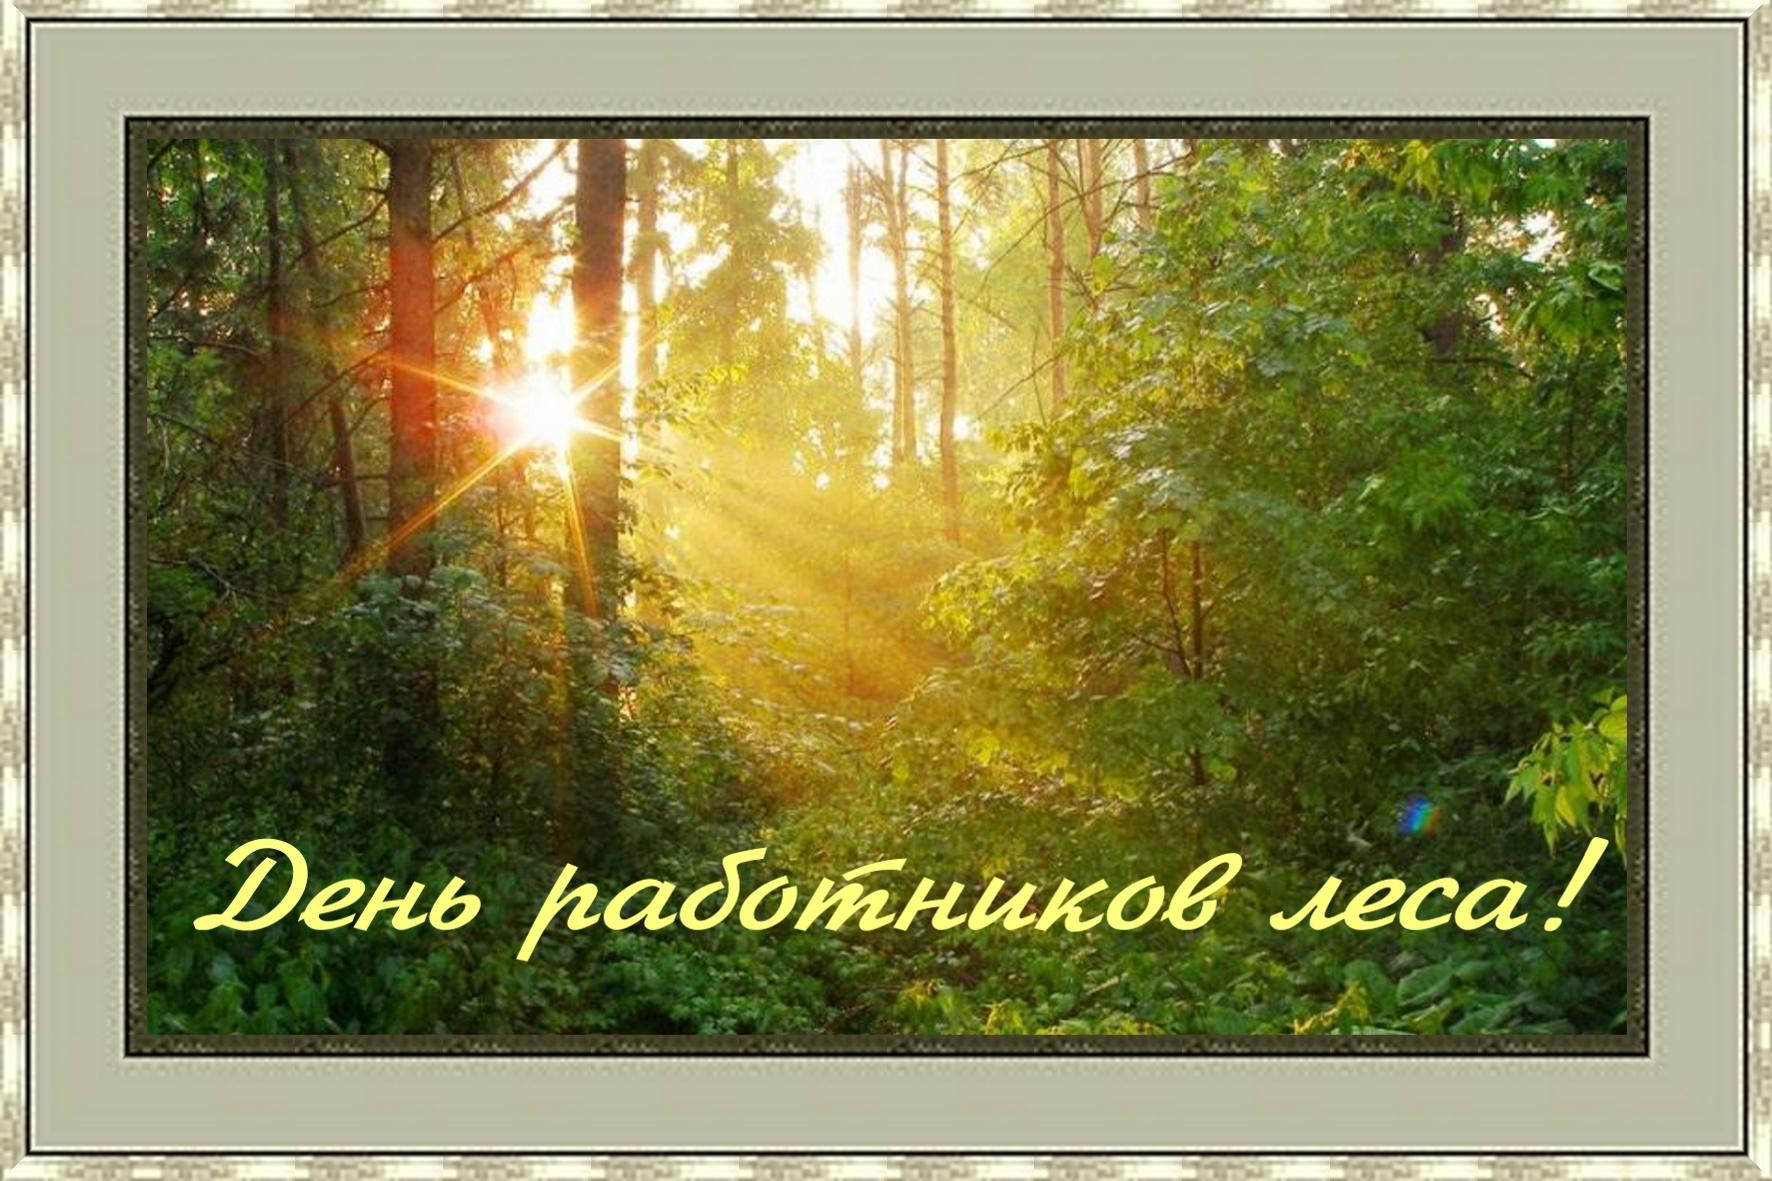 Поздравление к дню лесного